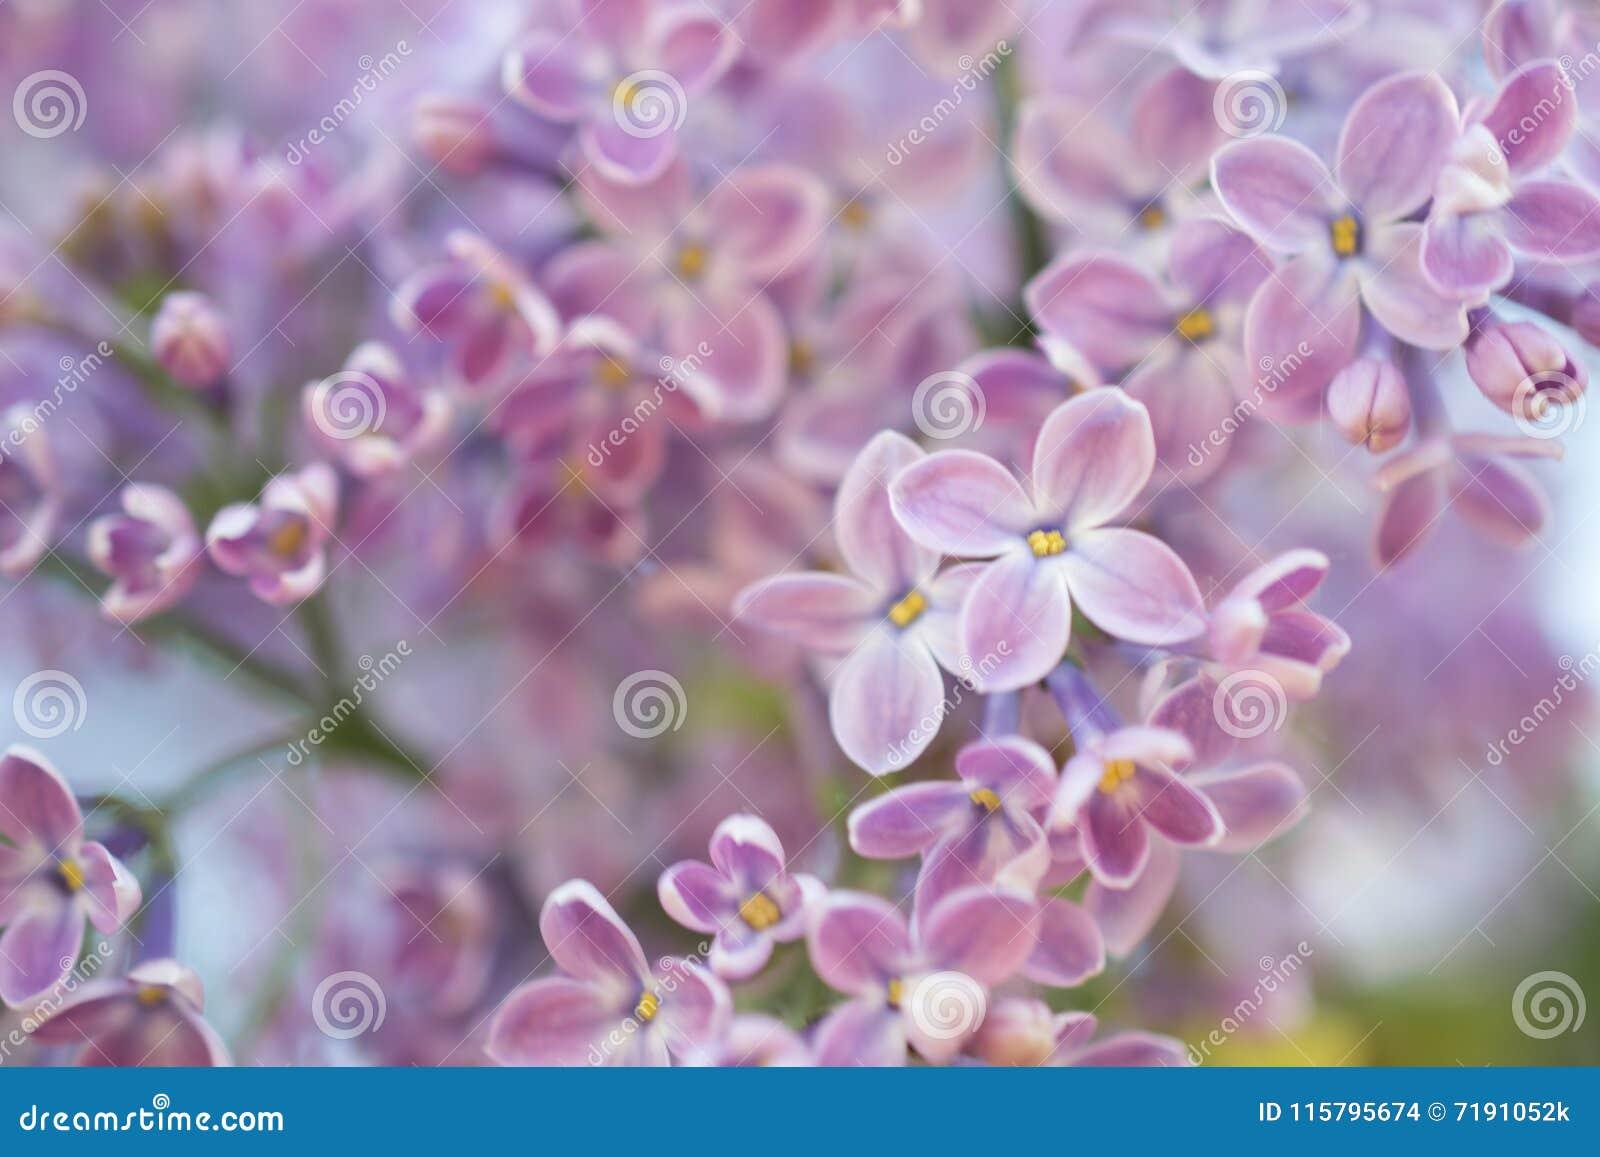 Abstrakt bakgrund Storen specificerar! lila blommas blommor blom- naturligt för bakgrund